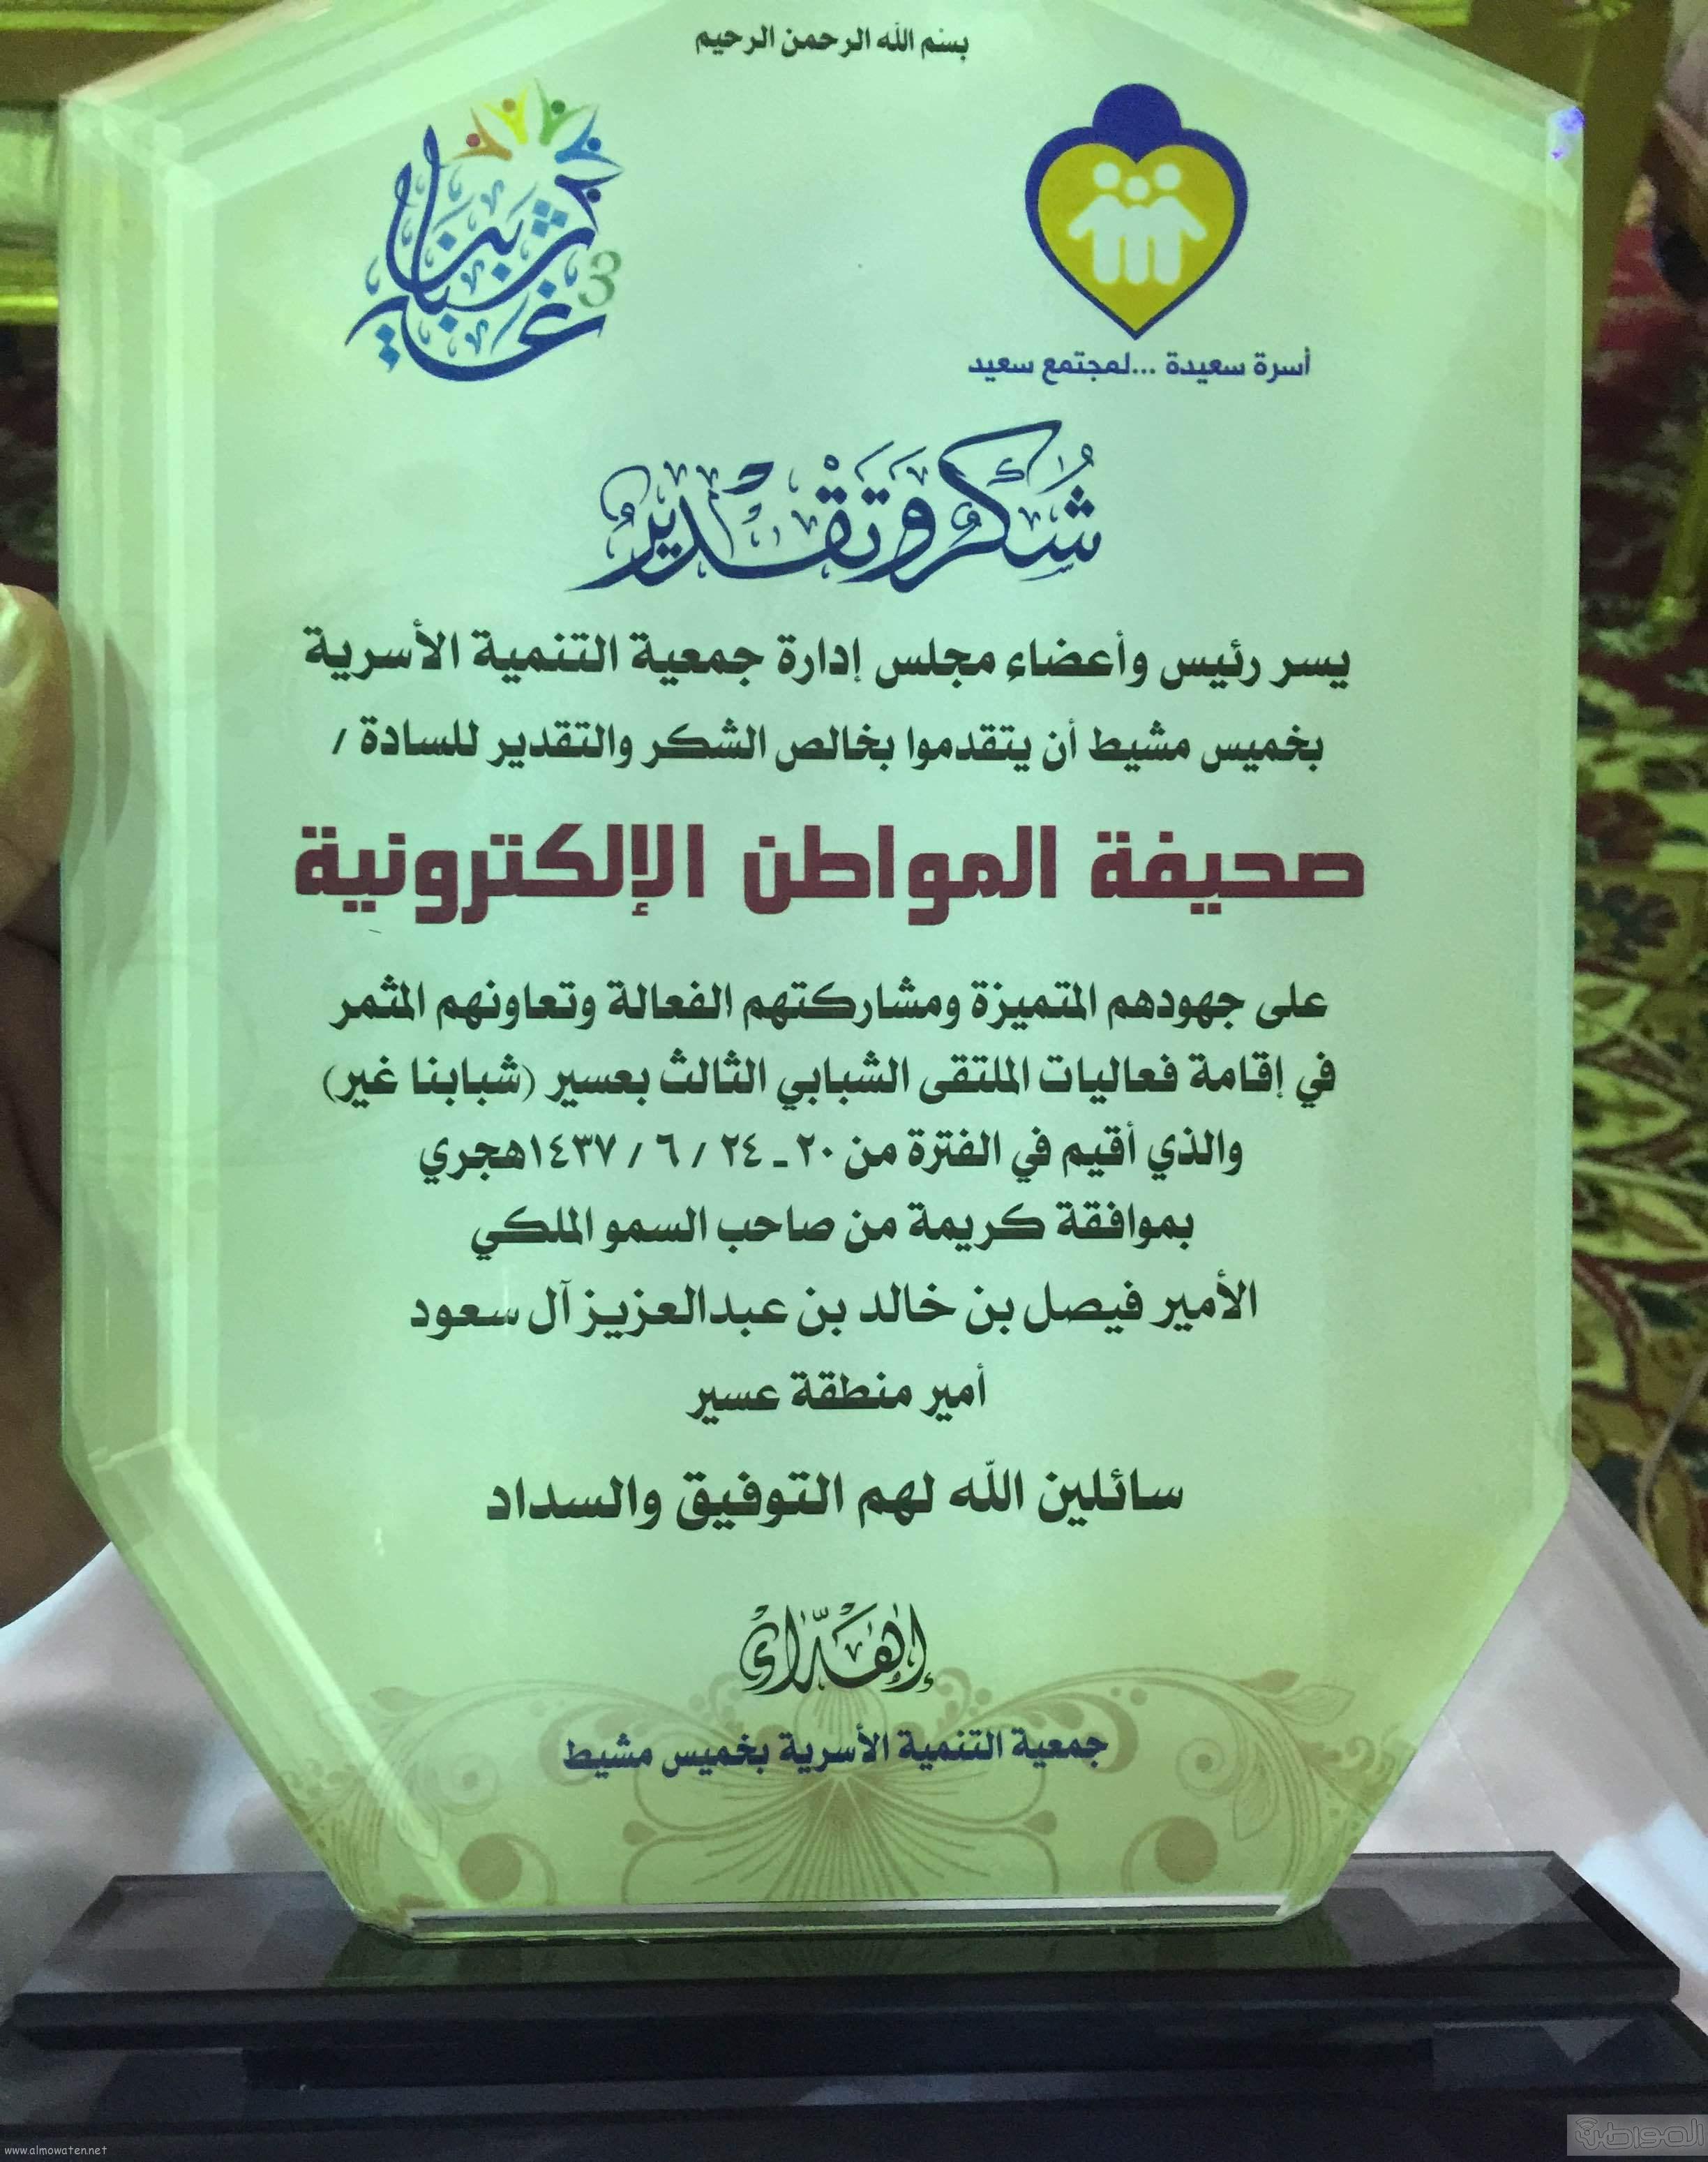 محافظ خميس مشيط يكرم المواطن في ختام فعاليات ملتقى شبابنا غير (3)